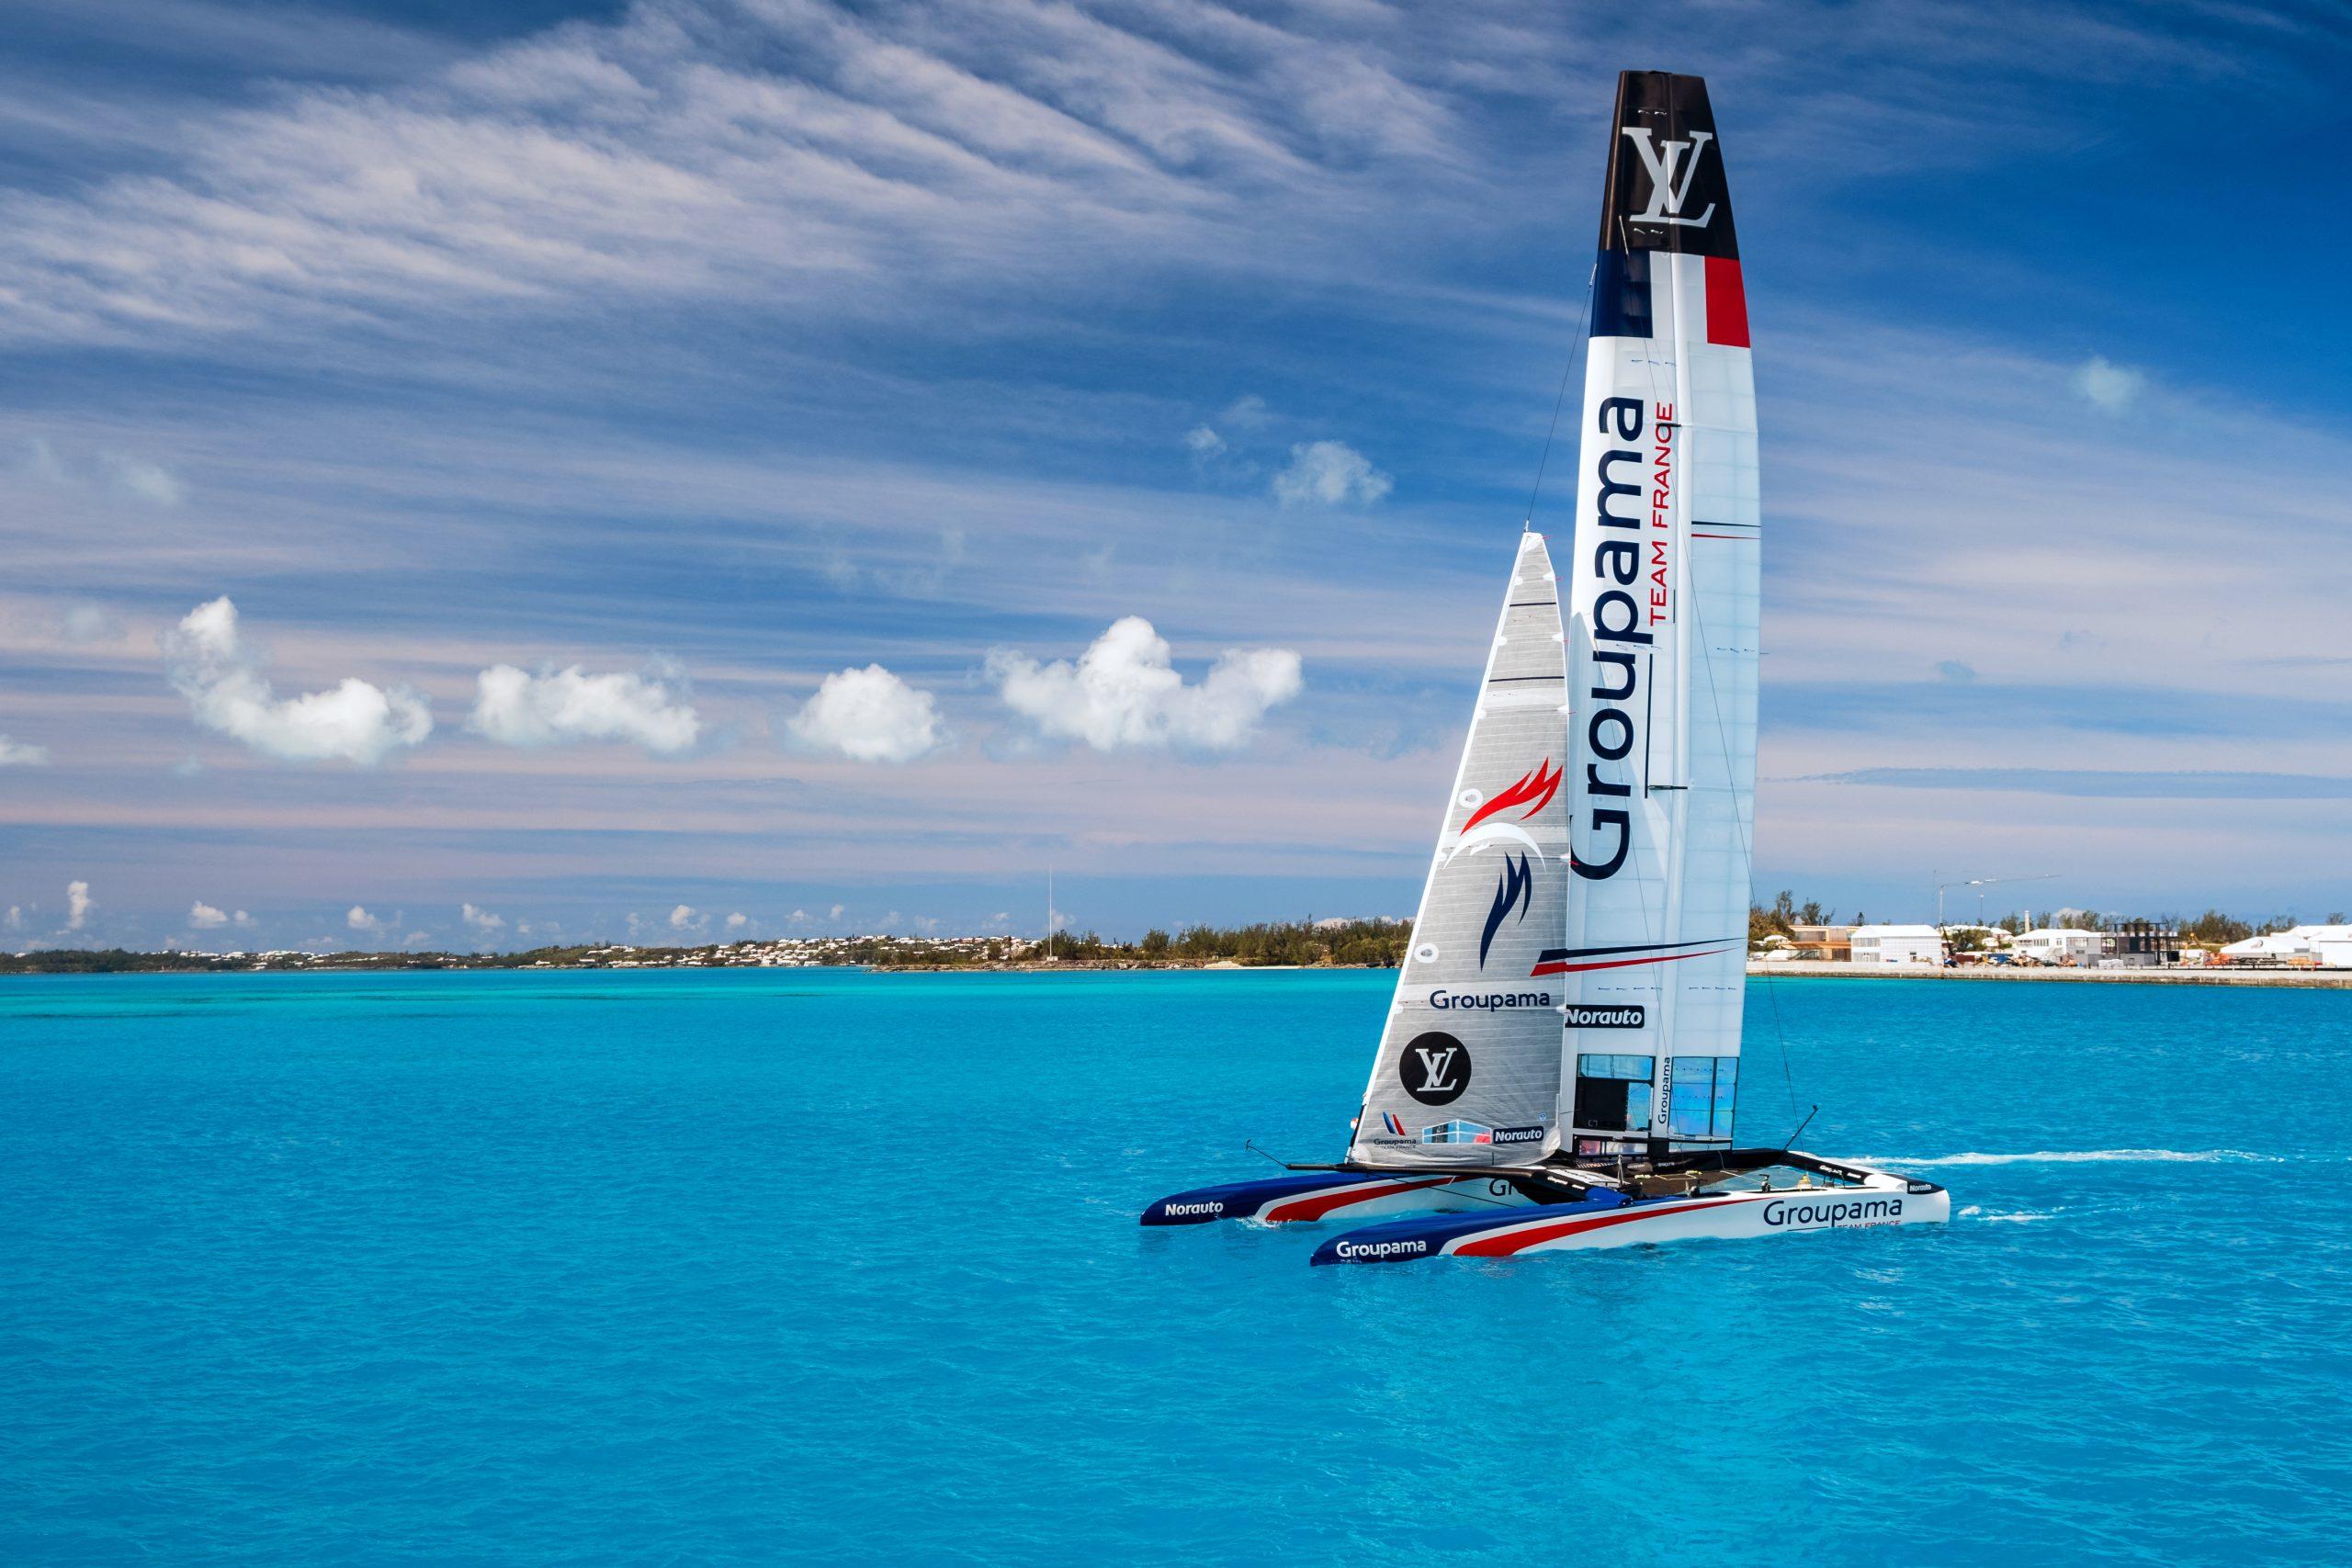 Catamarano in gara all'America's Cup 2017